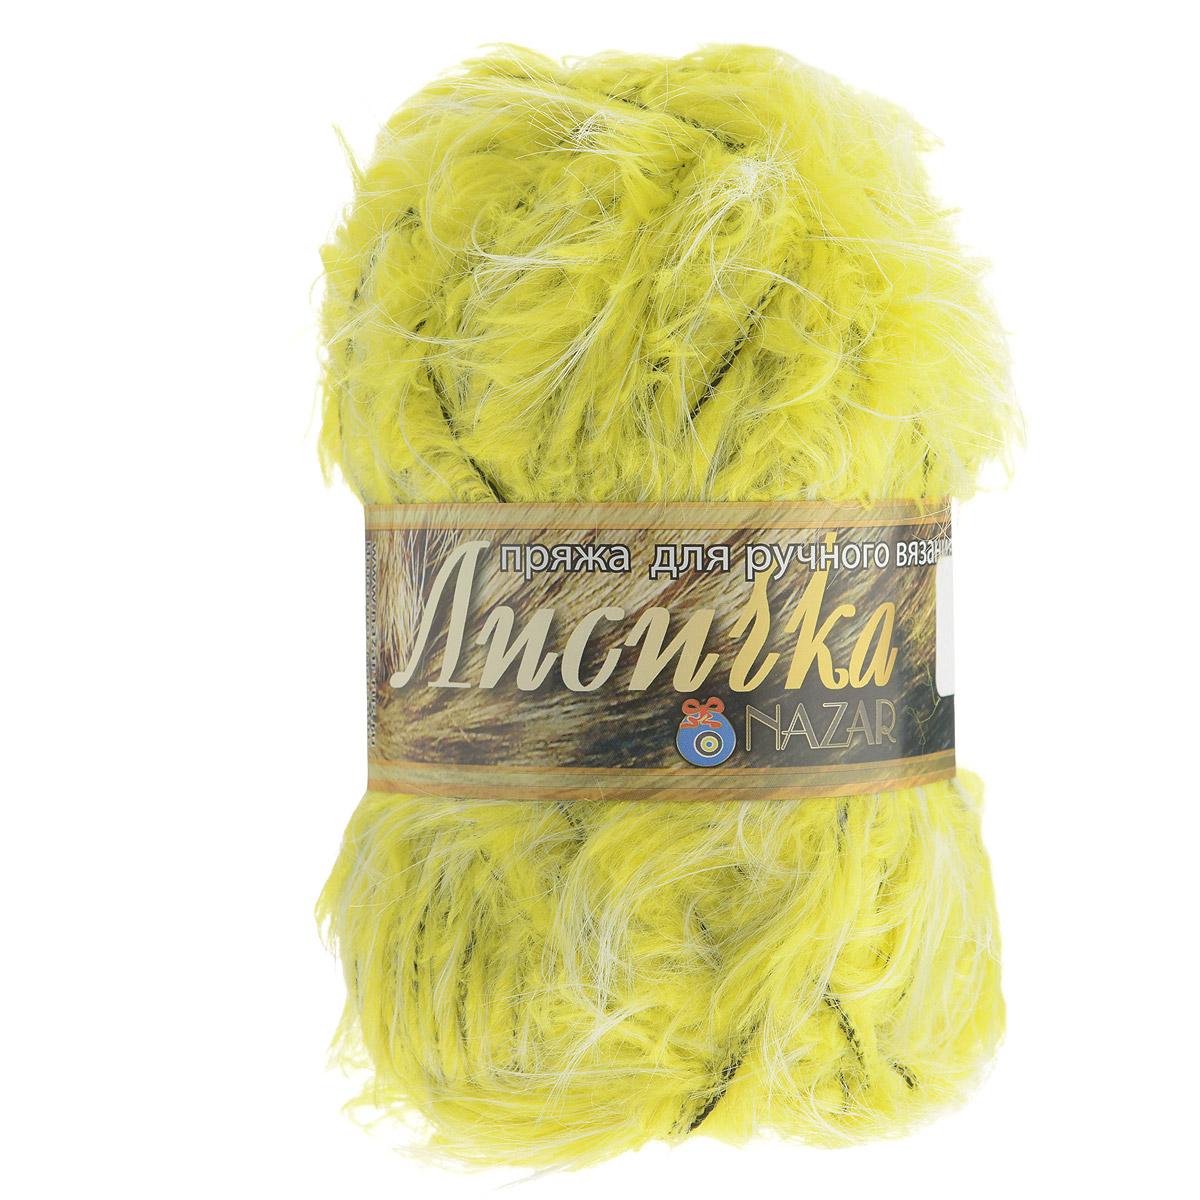 Пряжа для вязания Nazar Лисичка, цвет: лимонный (009), 100 г, 90 м, 5 шт688122_009